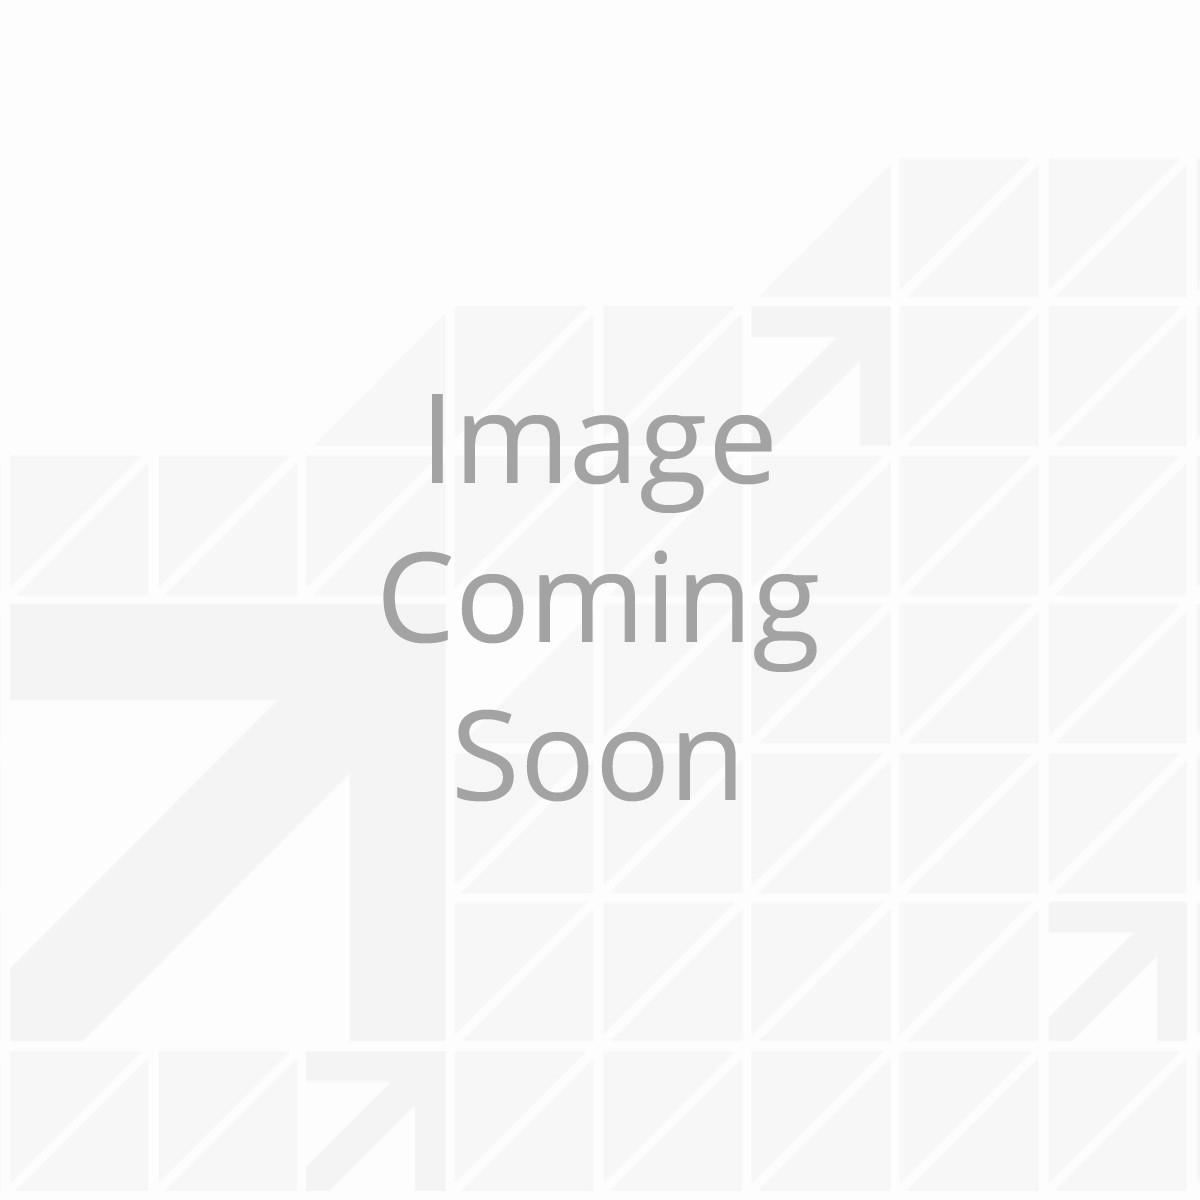 30A LED Cordset - 12' (Titanium Grey)